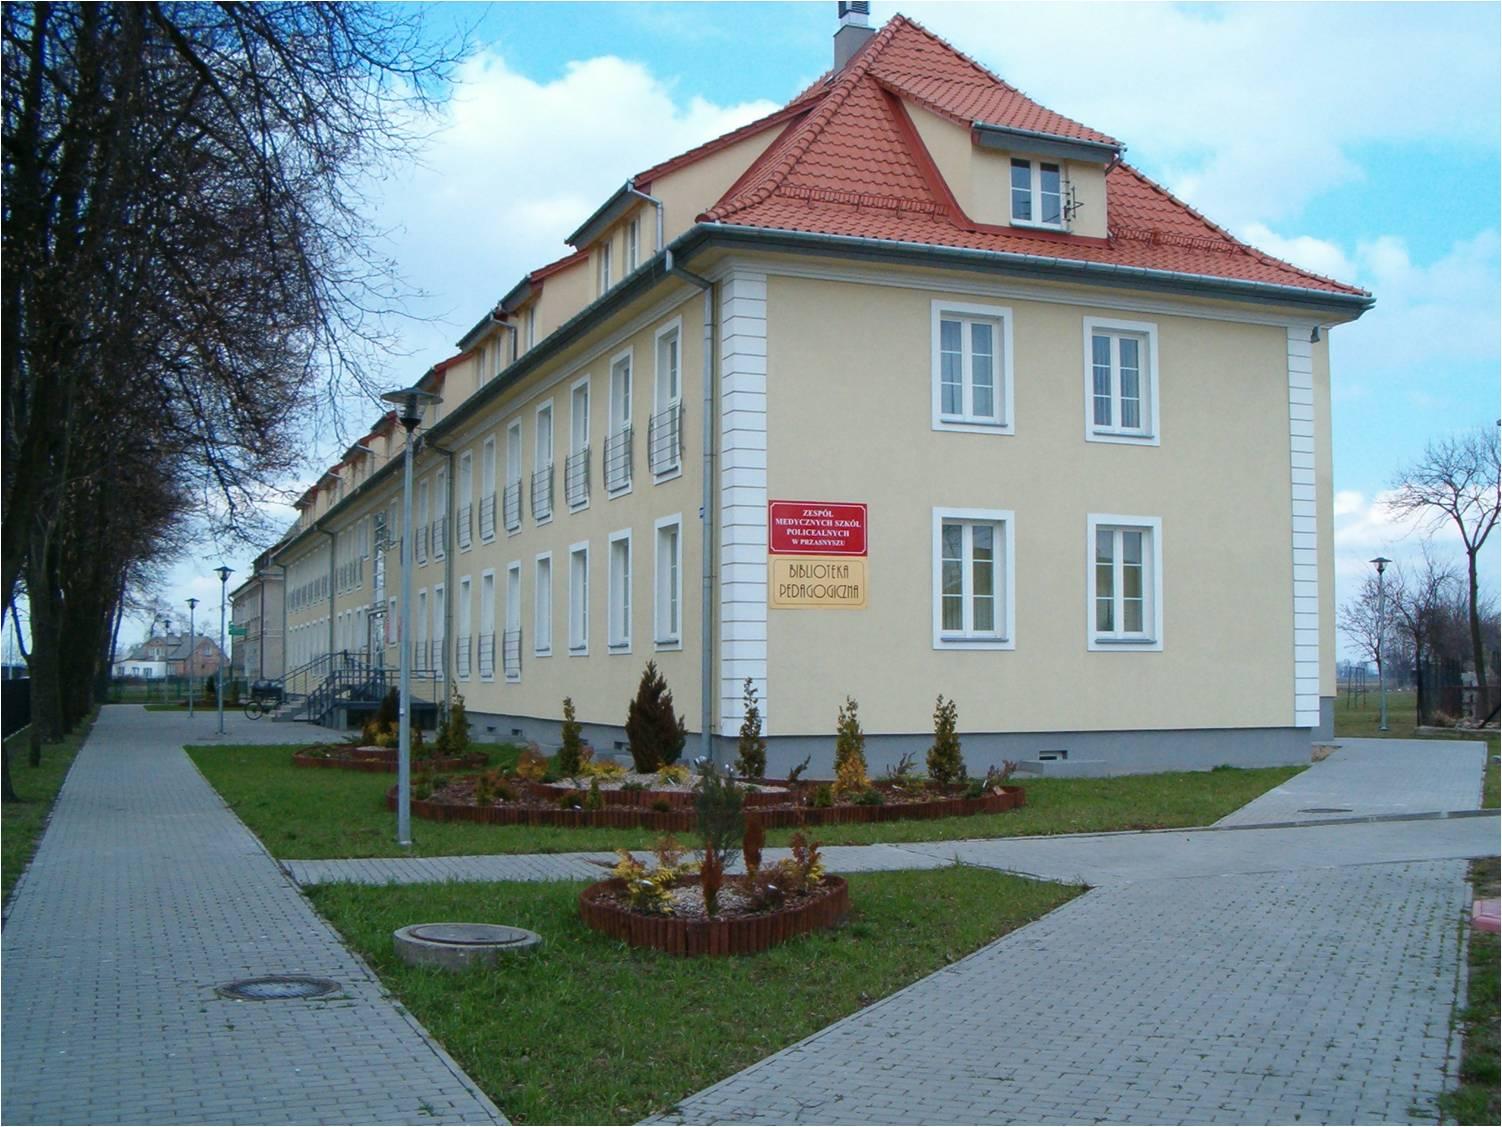 http://m.wm.pl/2020/07/orig/budynek1-639182.jpg